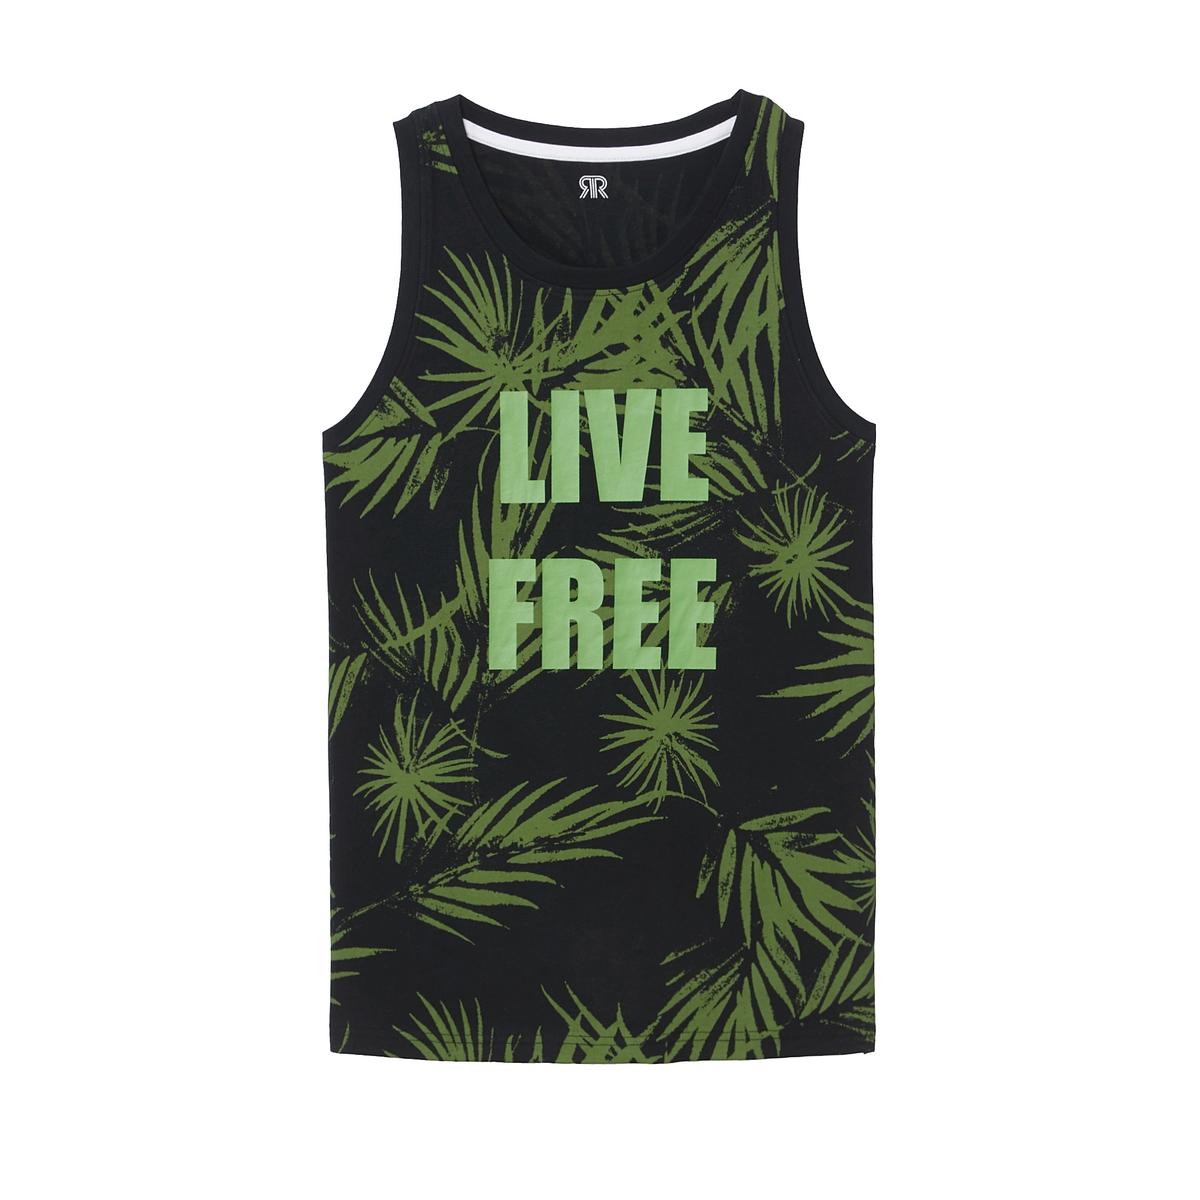 Camiseta sin mangas con estampado de palmeras